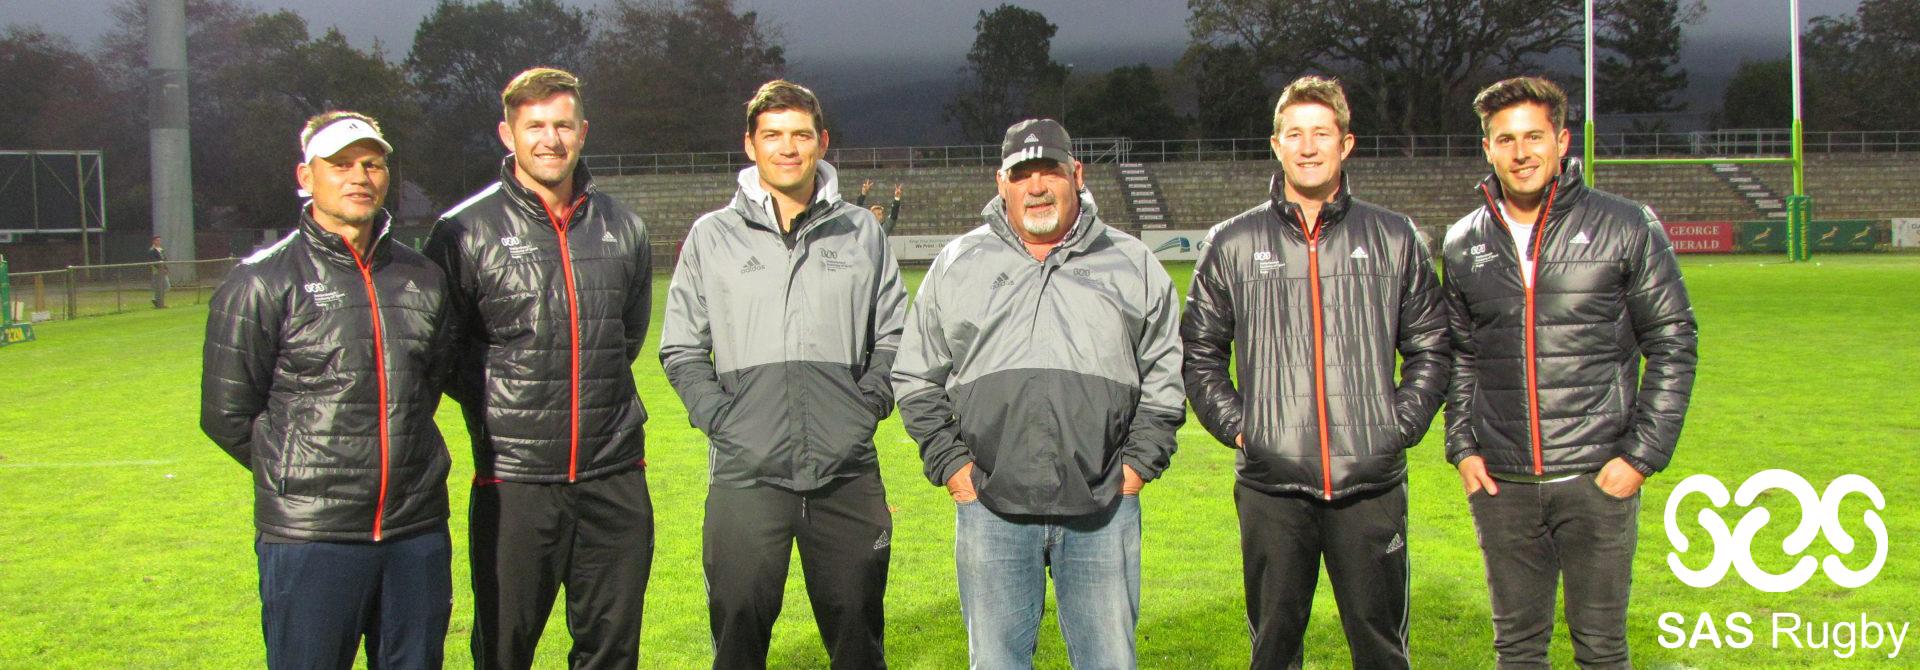 sas-rugby-coaches-air